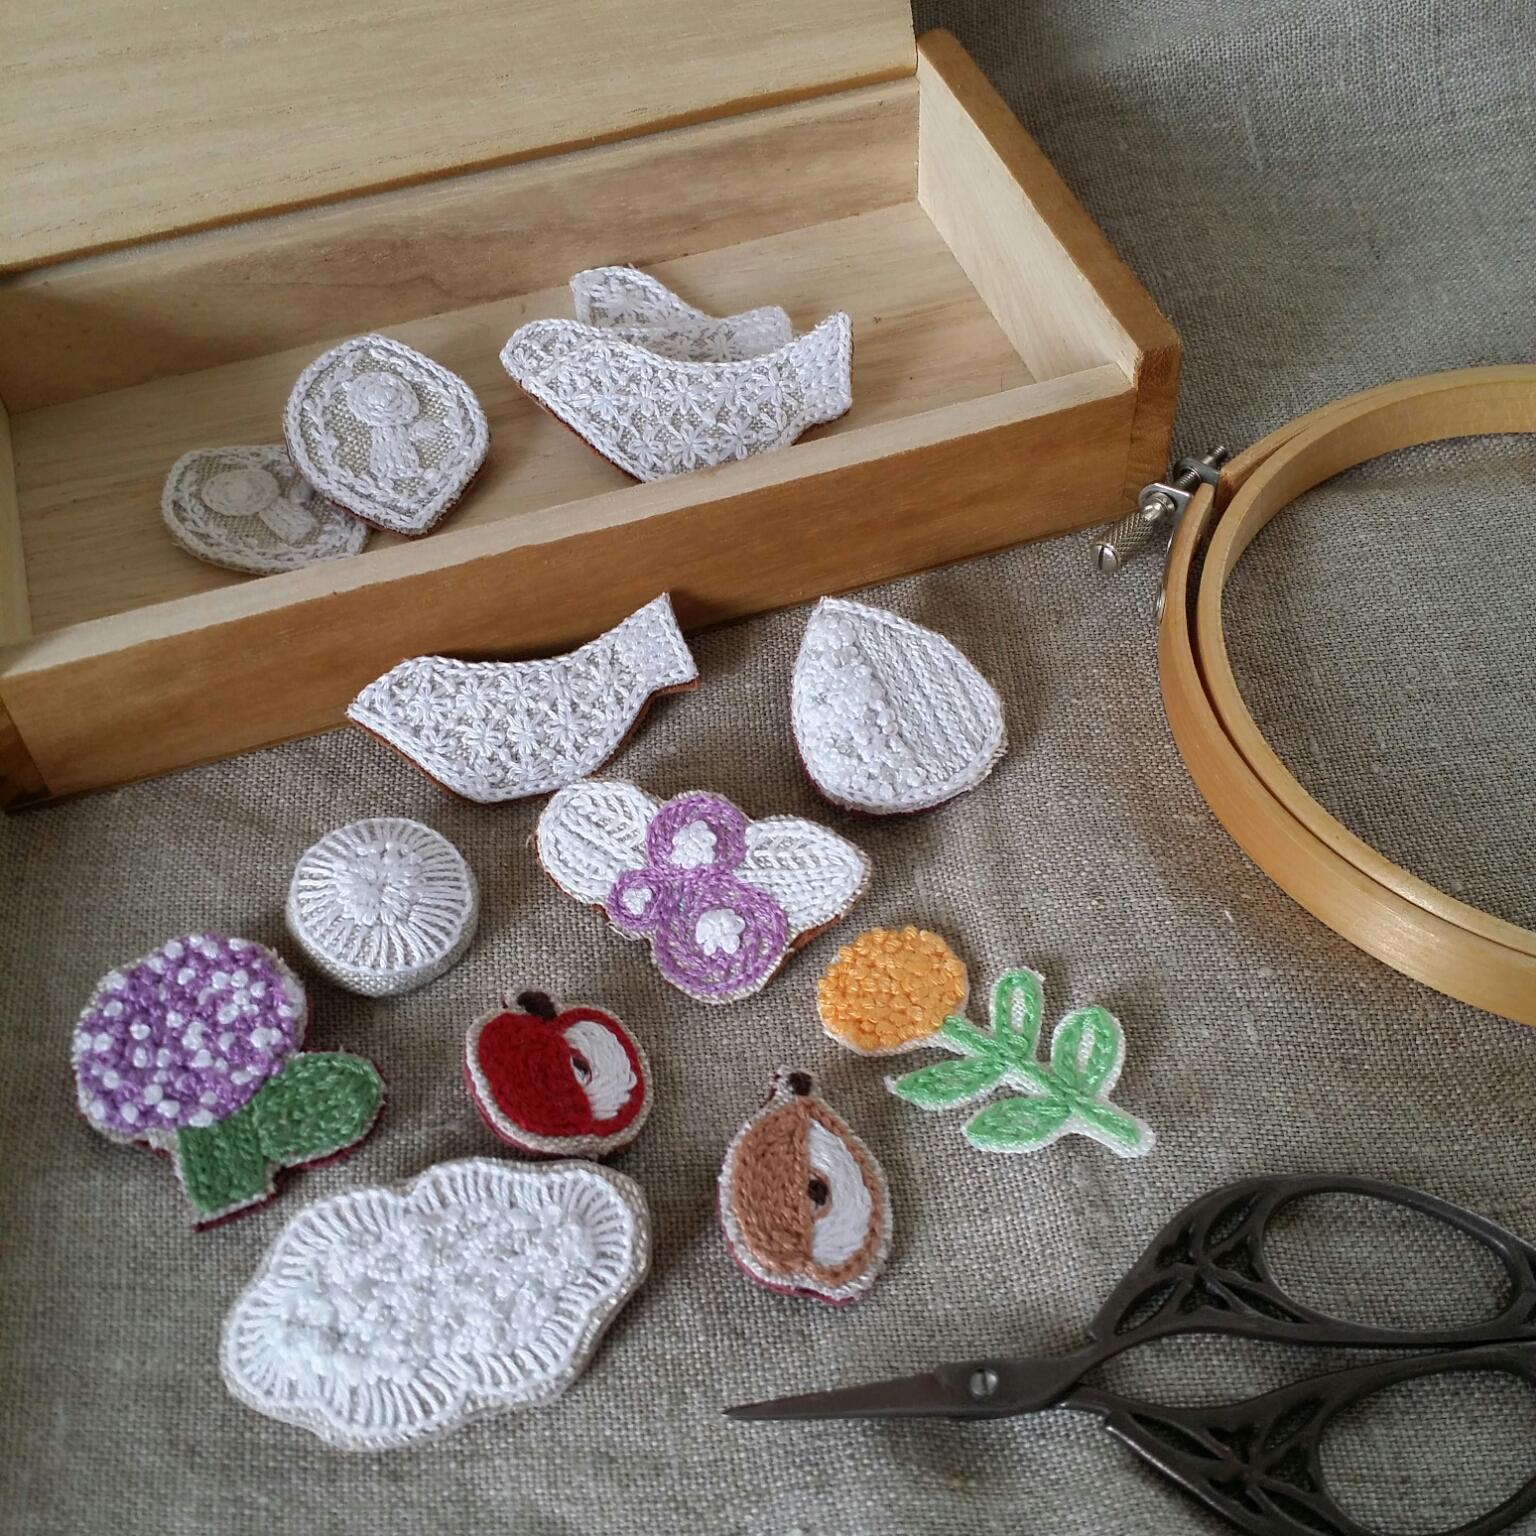 My Desk/ハンドメイド/手作り/刺繍/ブローチ/刺繍ブローチ/手作りのある暮らしに関連する部屋のインテリア実例